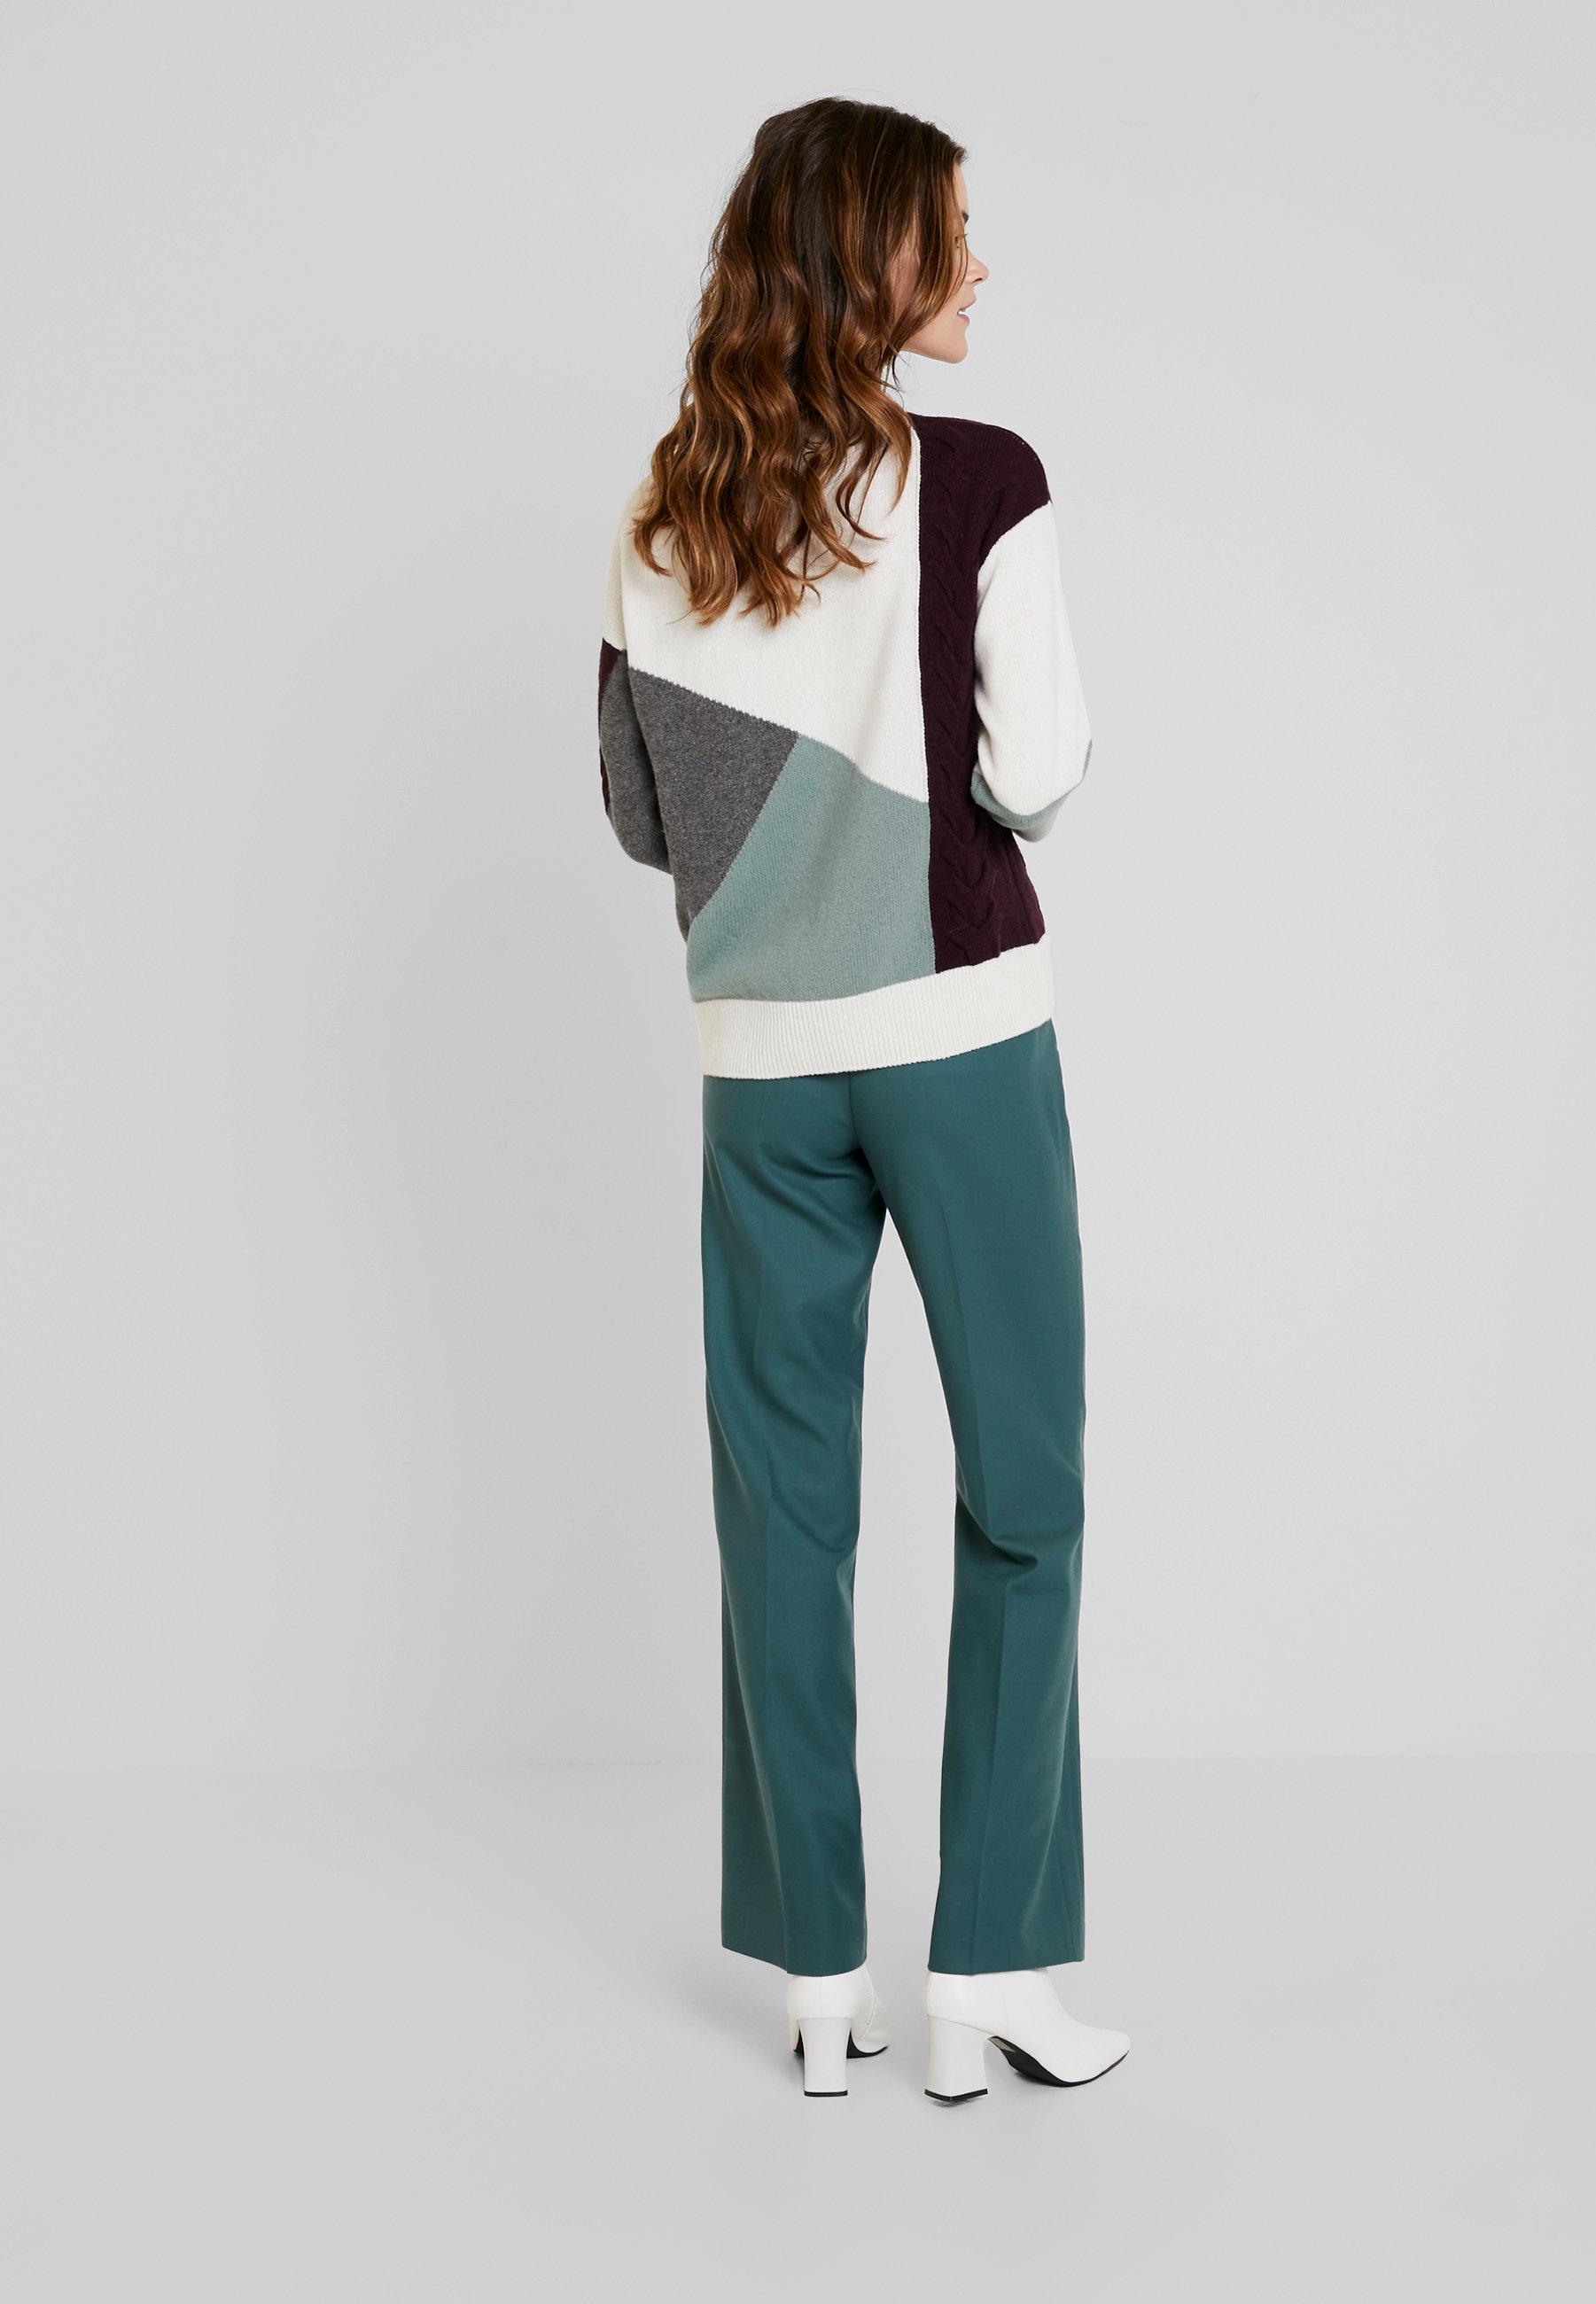 MAERZ Muenchen RUNDHALS 1/1 ARM - Pullover new white